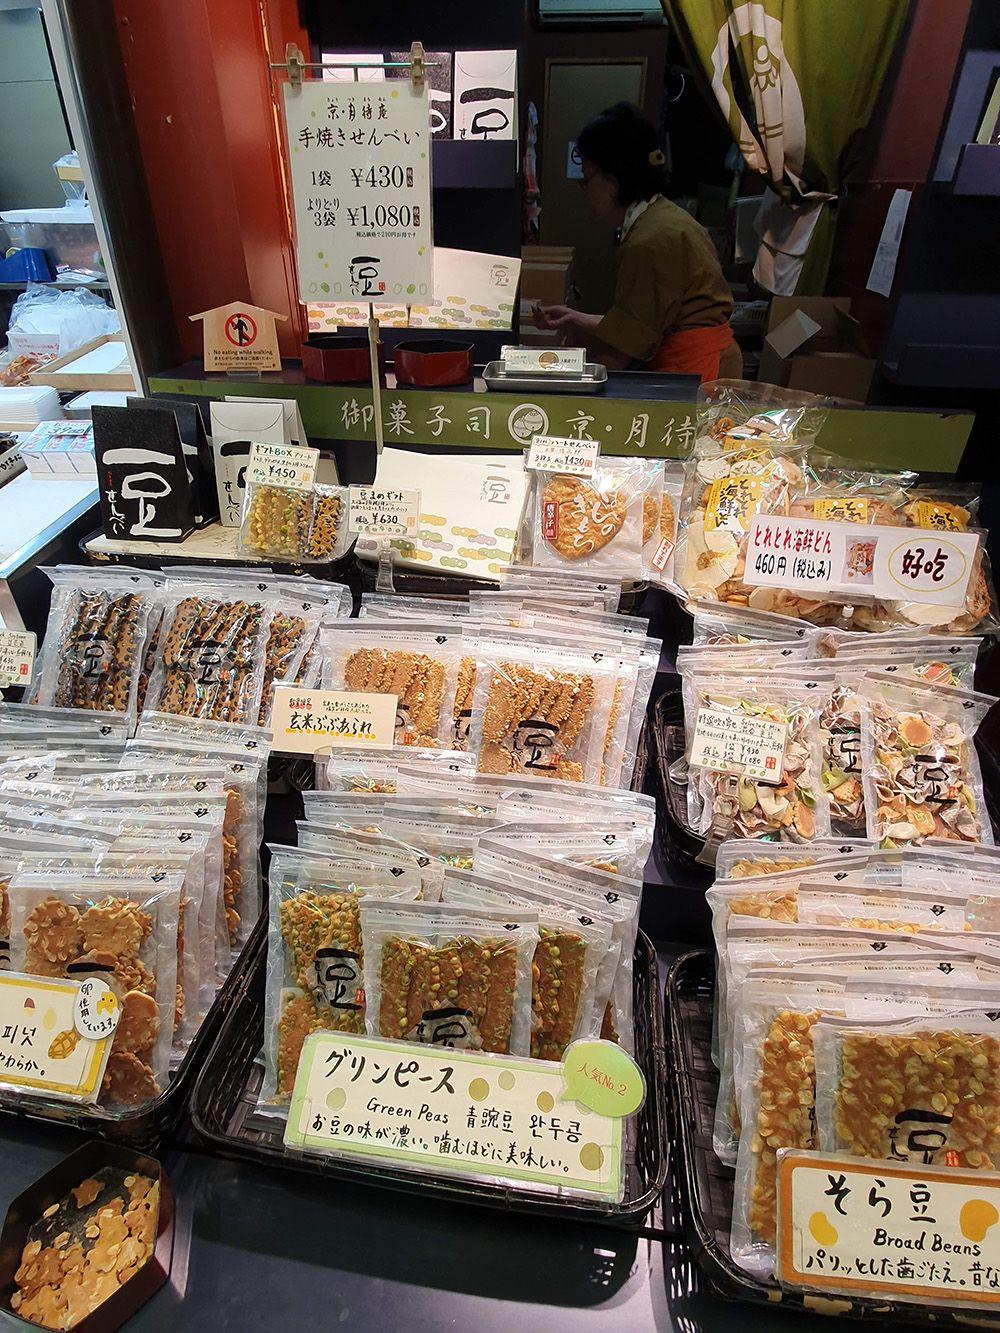 שוק האוכל Nishiki Market